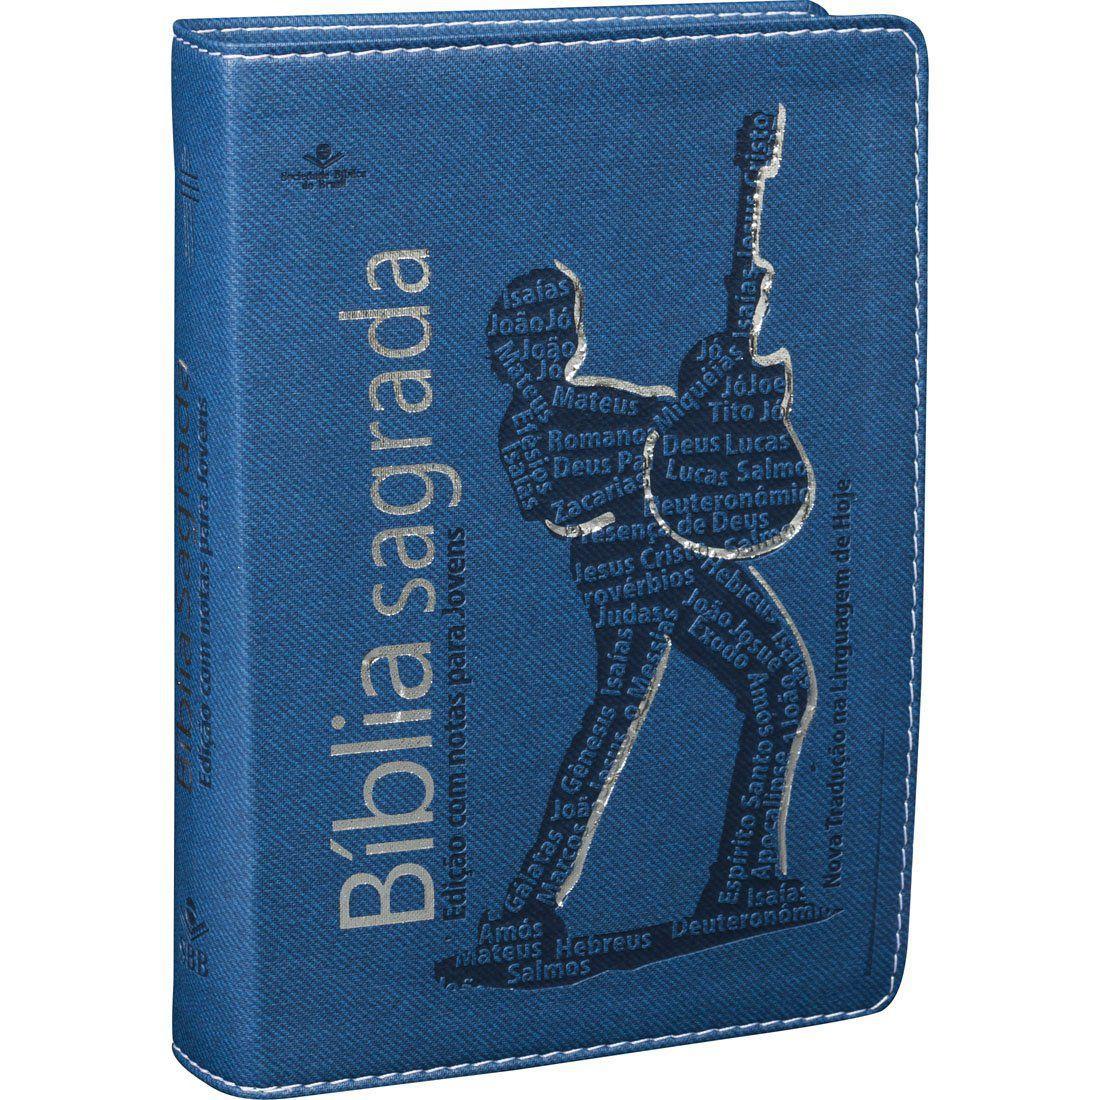 Bíblia Sagrada Azul com Prata - Edição Masculina com Notas para Jovens